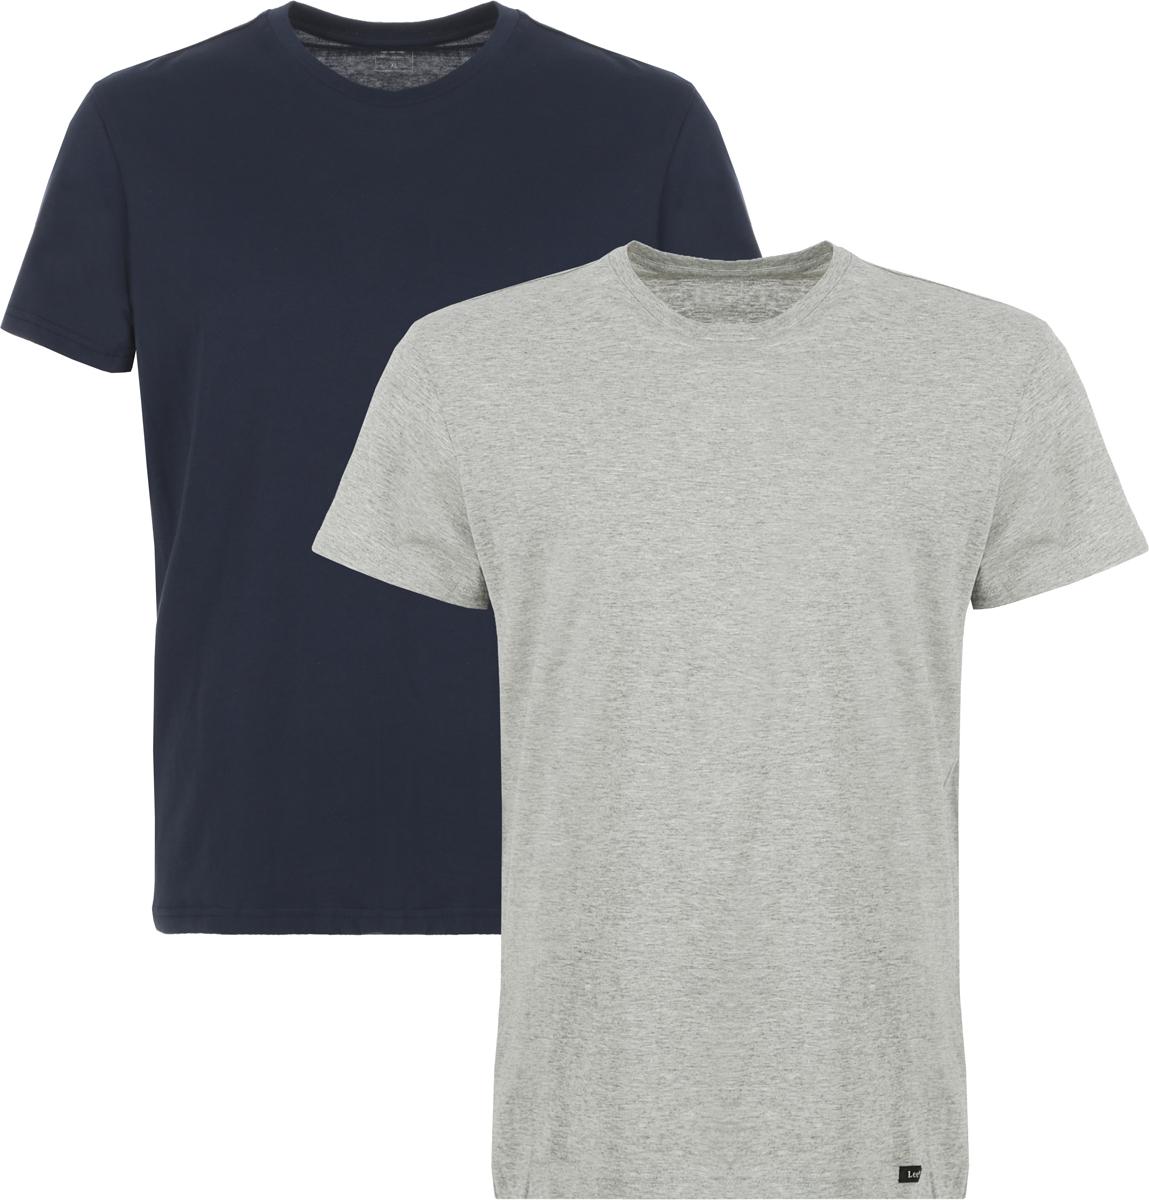 Купить Футболка мужская Lee, цвет: темно-синий, серый, 2 шт. L680AILD. Размер XL (52)